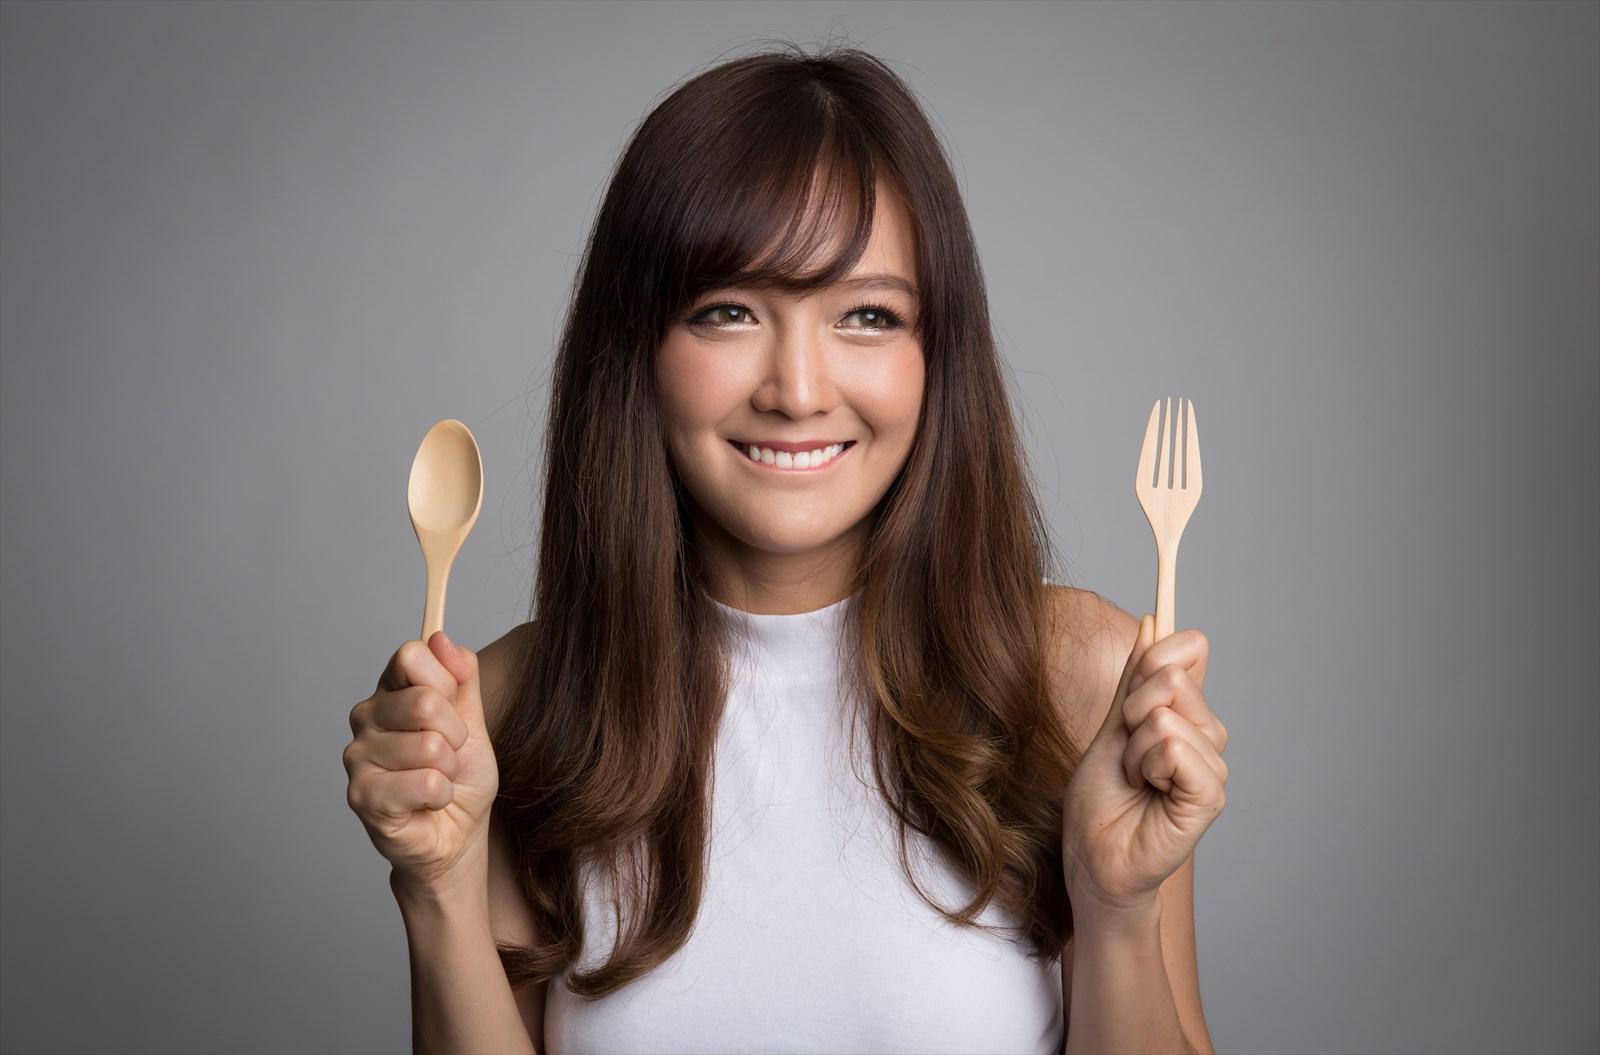 もう一人旅の食事で悩まない!  失敗しない店選びのポイント~ソロ活